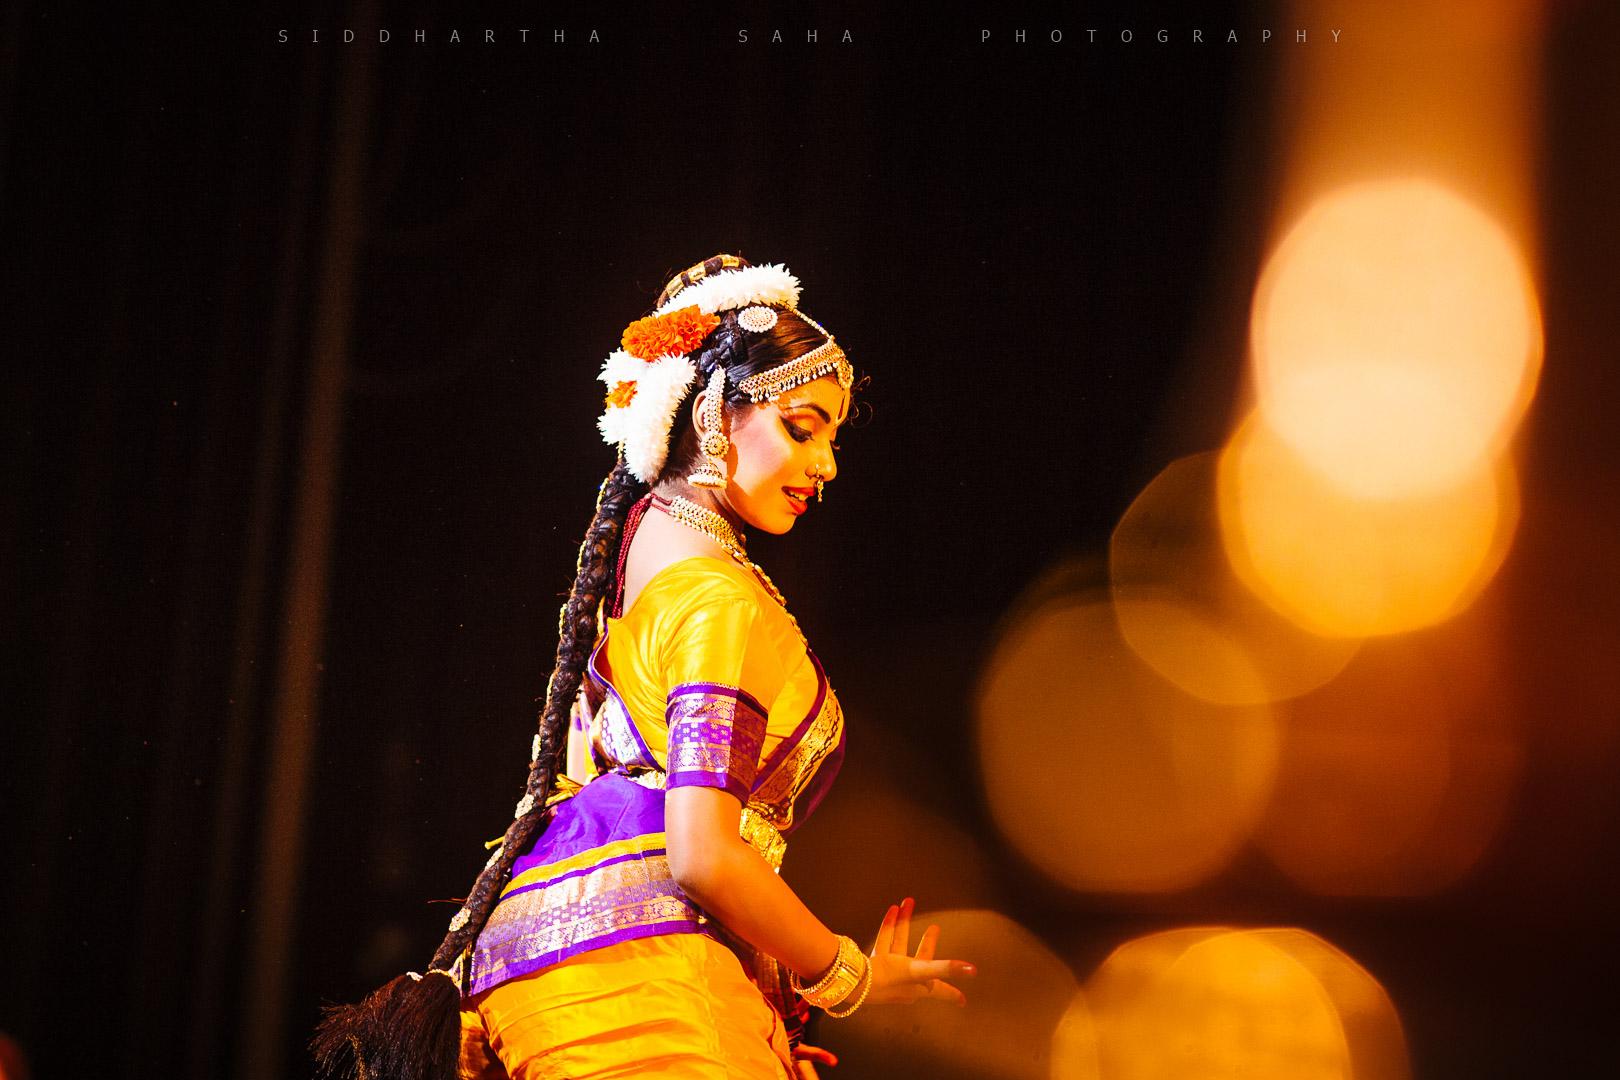 2015-09-06 - Riya Arangetram - _05Y7127